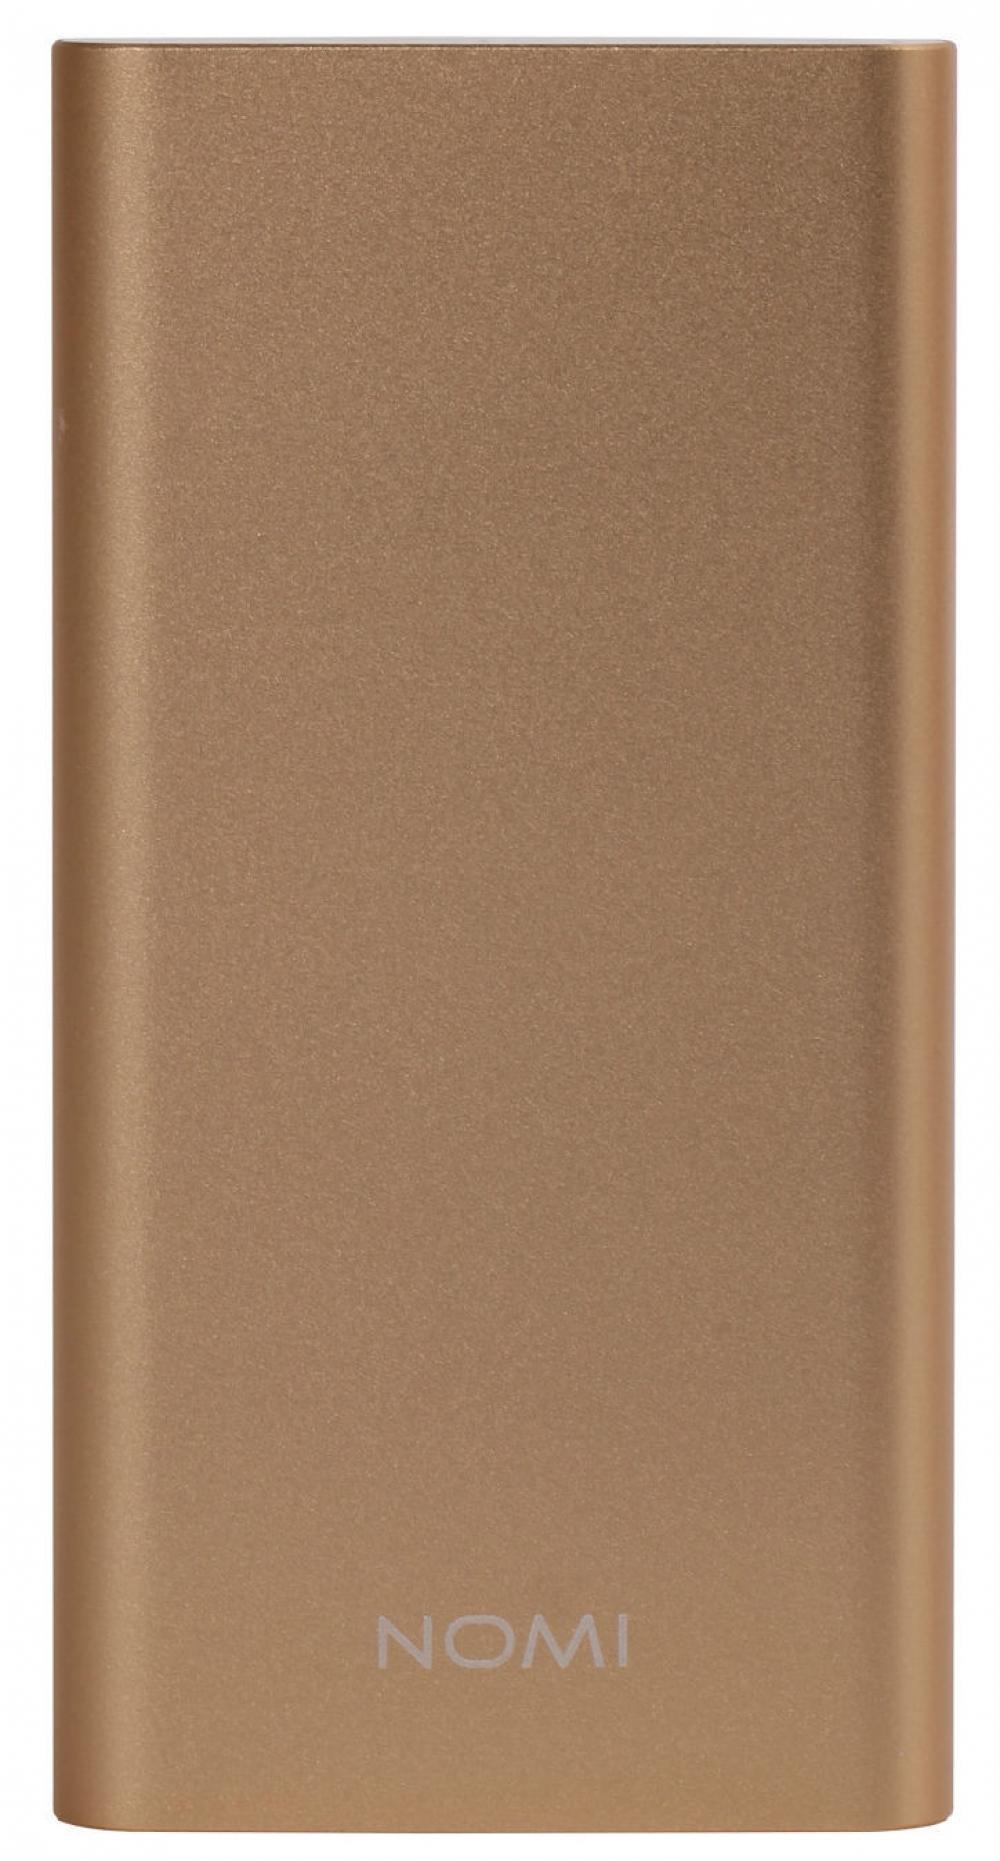 Зовнішній акумулятор Nomi E050 5000 mAh Gold - фото 2.